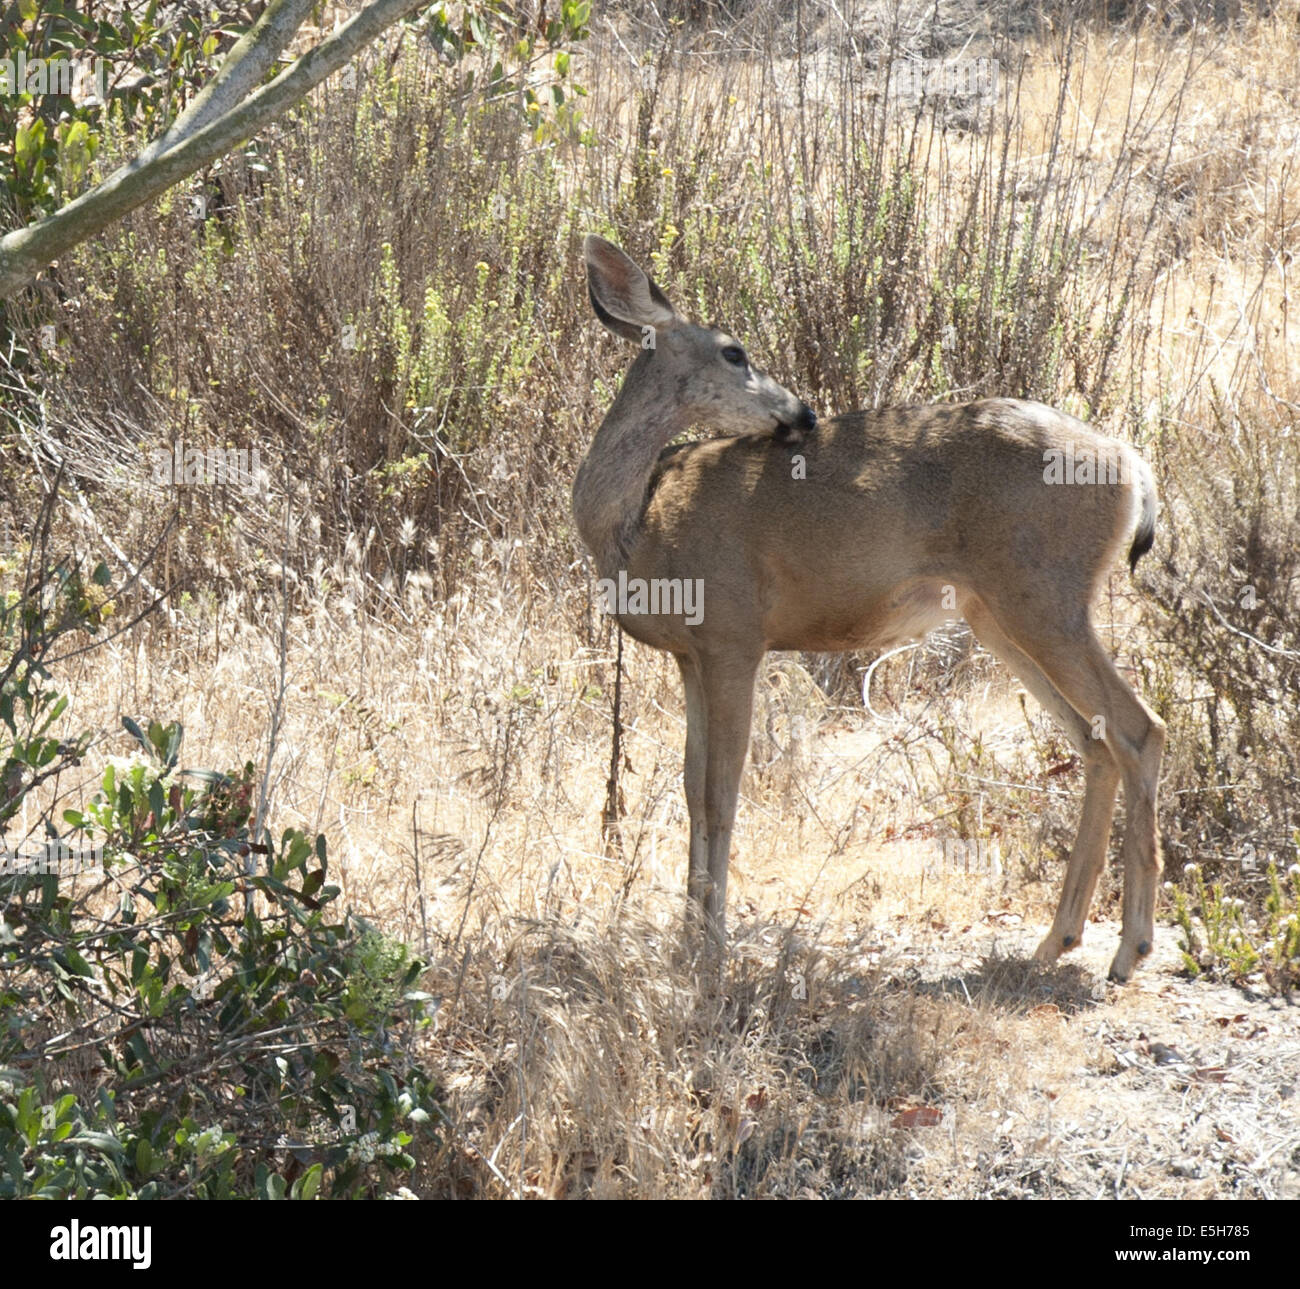 Laguna Beach, Kalifornien, USA. 17. Juli 2013. Die California-Maultier-Rotwild ist üblich in nördlichen, Mittel- und der Küsten Prärie California, Fütterung auf niedrige Sträucher, Gräser und Beeren. Die California-Maultier-Rotwild ist für seine großen und langen Maultier wie Ohren zu unterscheiden und finden Sie in der Regel näher an Wasserquellen wie Flüsse, Bäche, Seen und Teichen.---Odocoileus Hemionus Californicus---auf dem Foto, ein paar der Maultierhirsch gesehen werden könnte, ihre Arbeitsweise an einem Hang in El Moro Creek in Crystal Cove State Beach, Orange County. © David Bro/ZUMA Draht/Alamy Live-Nachrichten Stockfoto